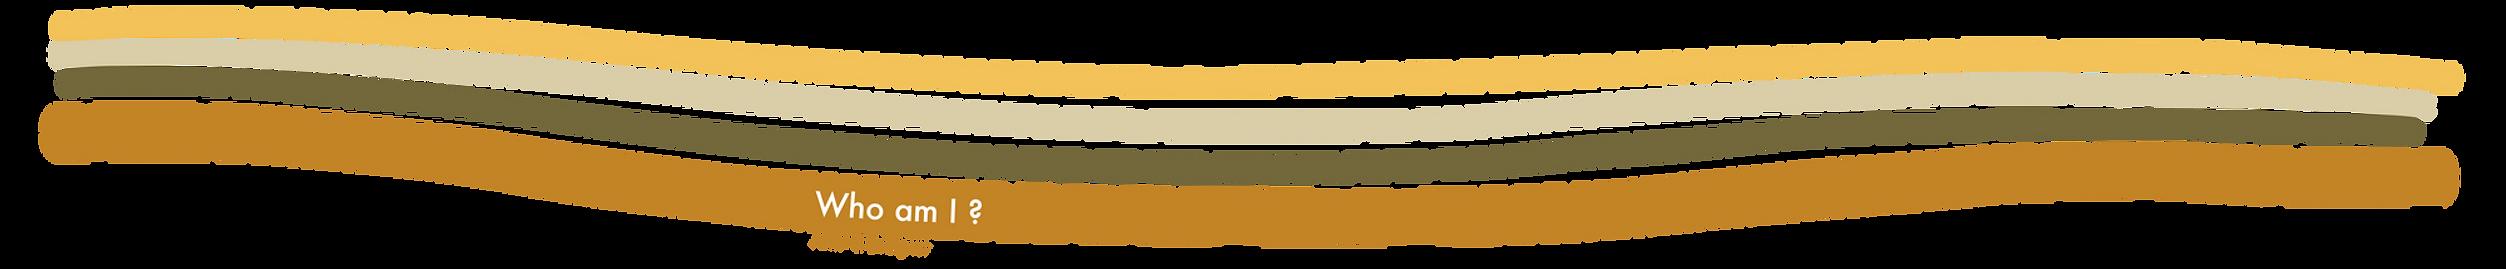 Graphisme lignes-Who am I-01.png